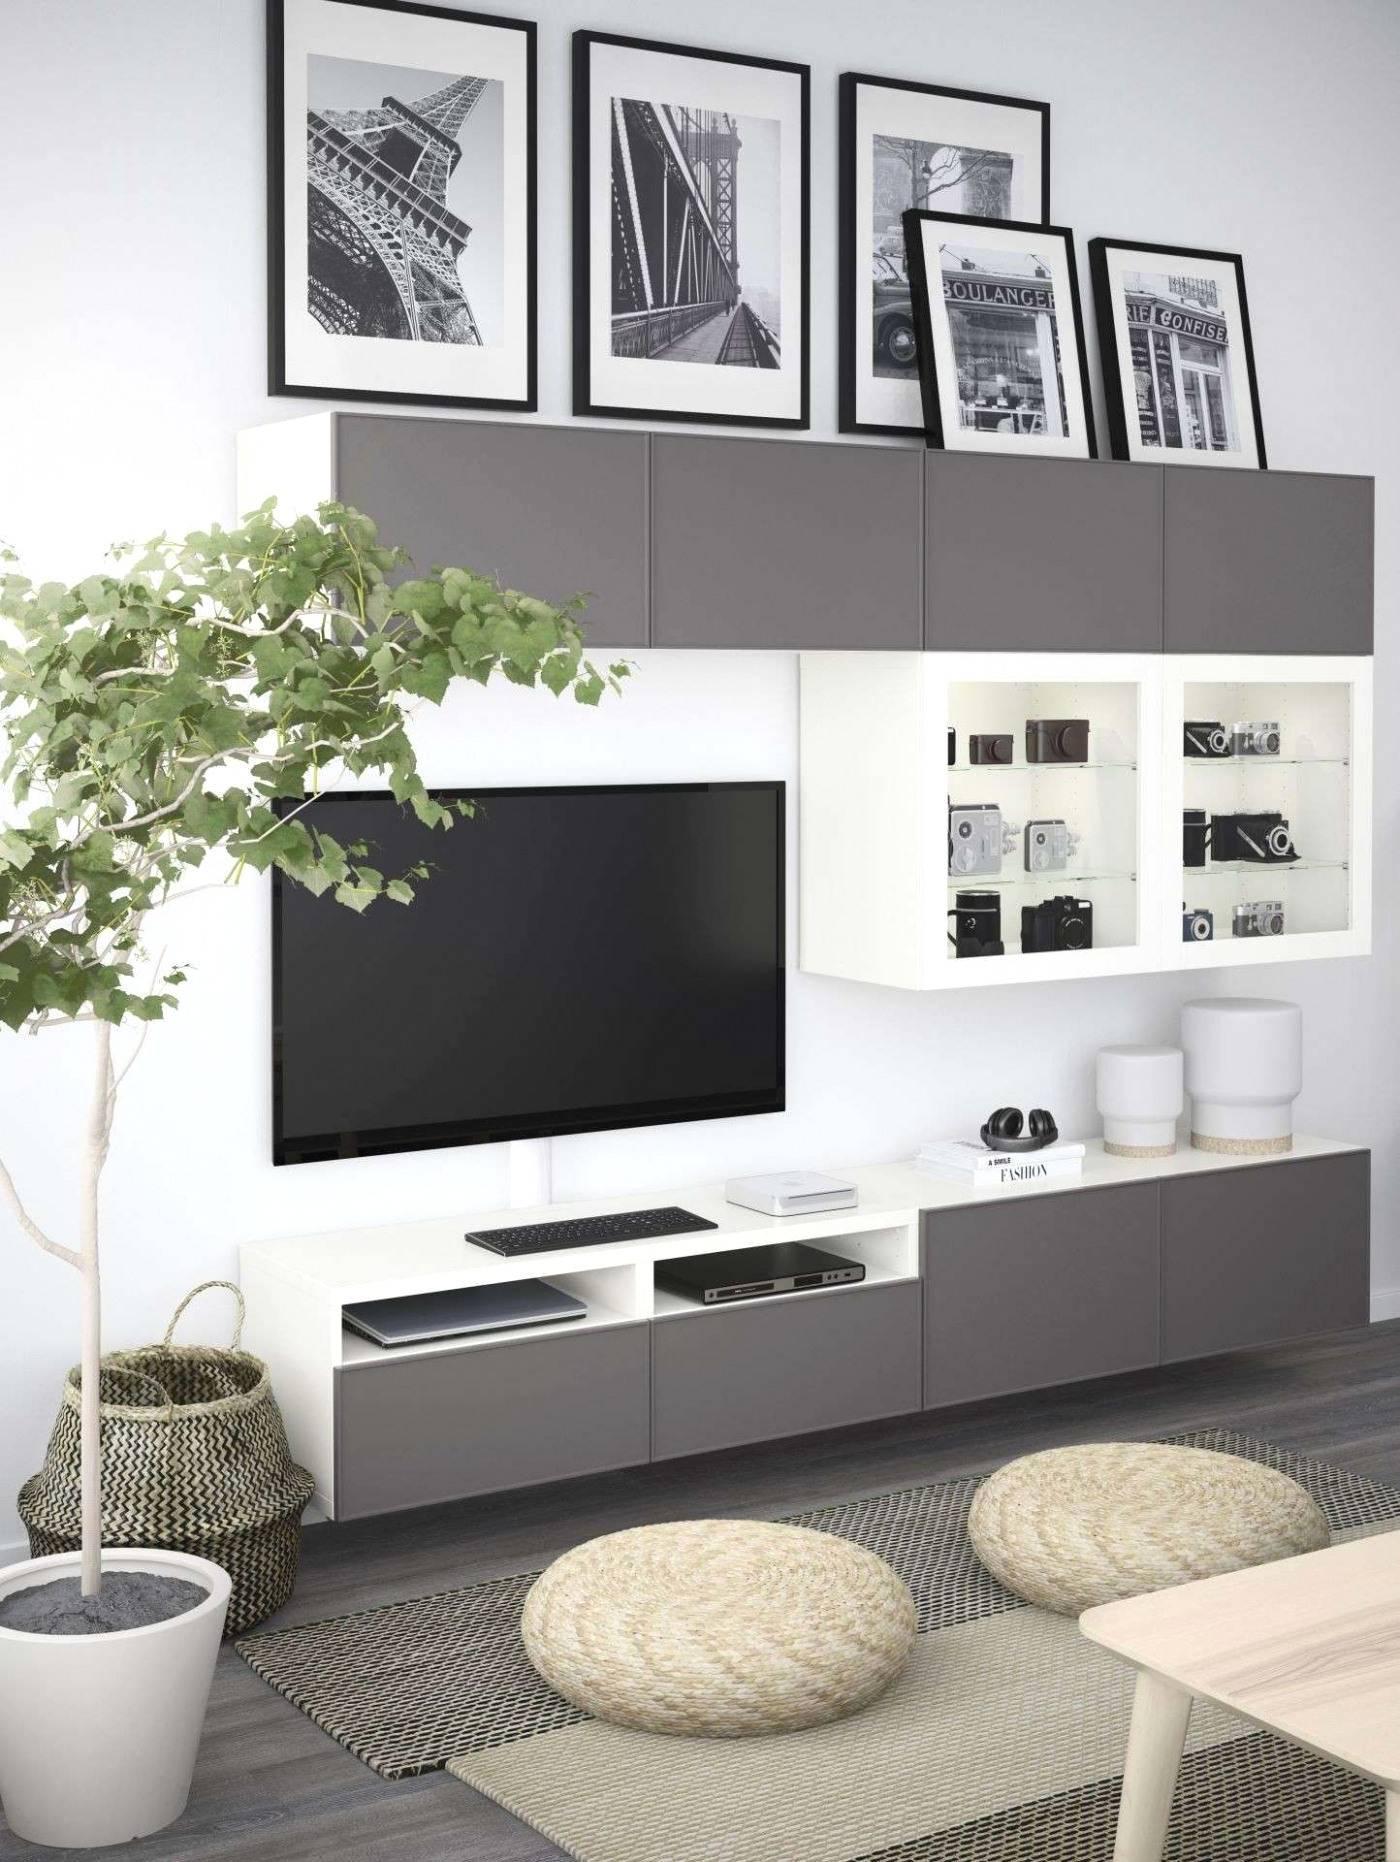 wohnzimmer deko kupfer elegant 53 elegant galerie von deko rustikal of wohnzimmer deko kupfer